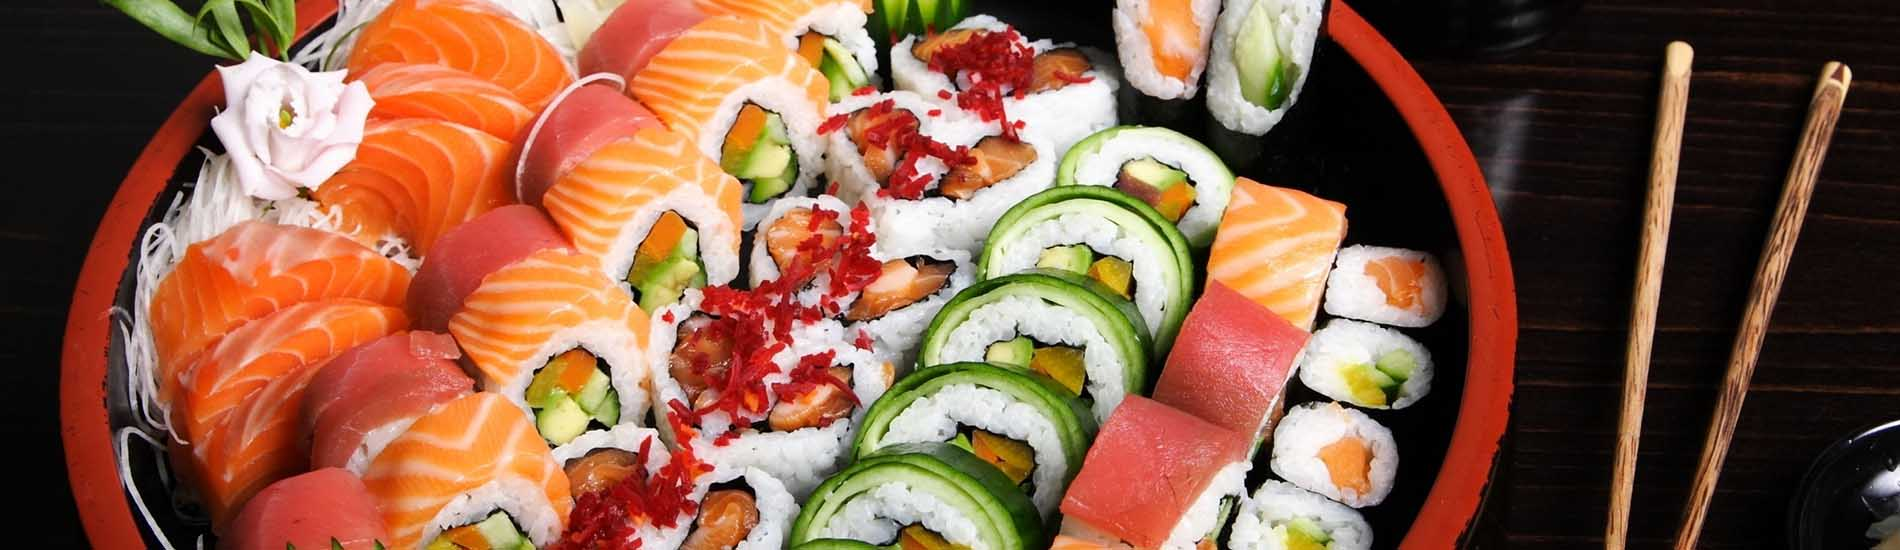 Geleneksel Japon Mutfağı